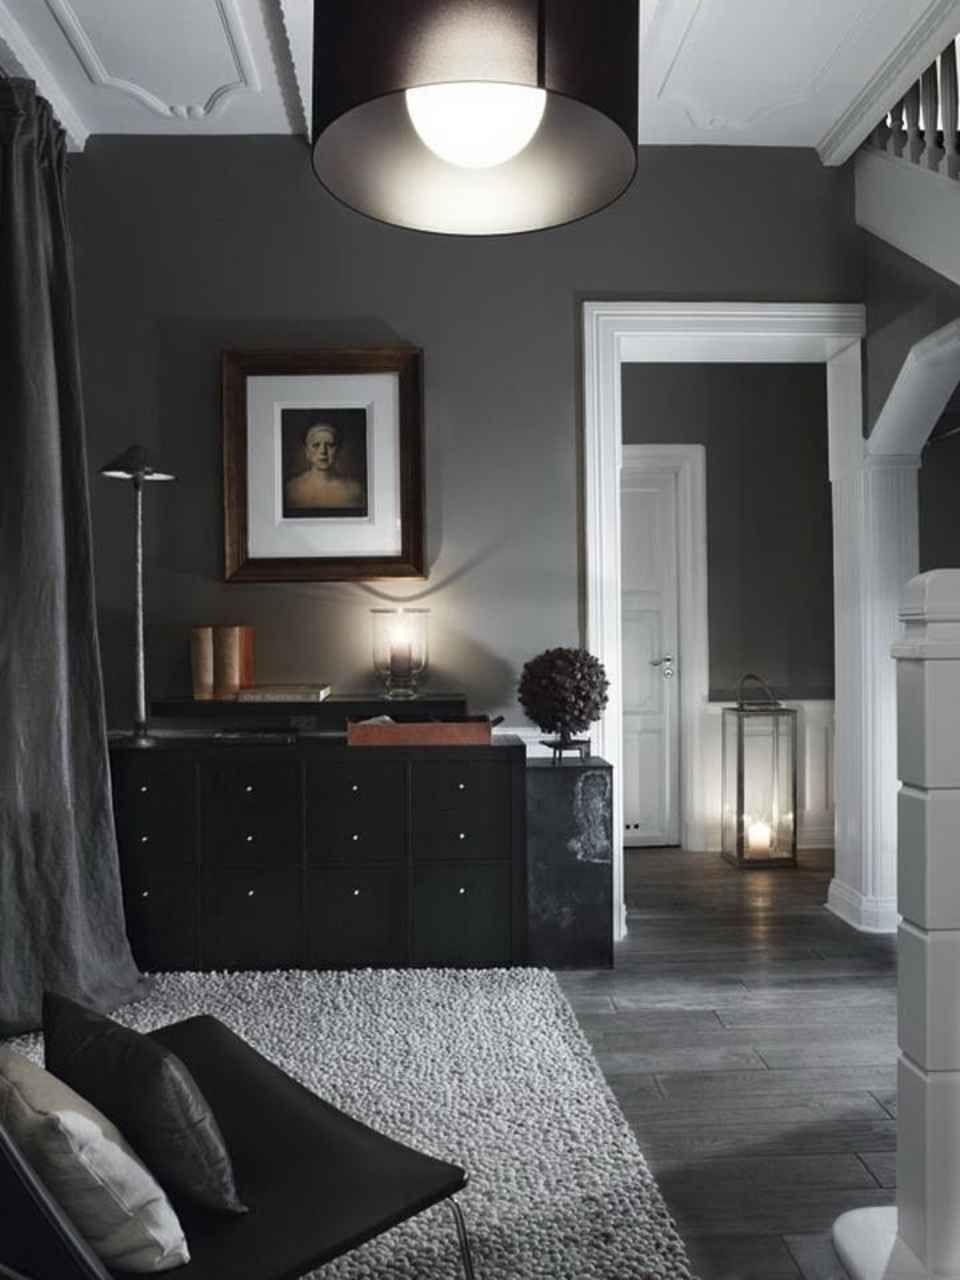 Receiving Room Interior Design: 20 Examples Of Minimal Interior Design #20